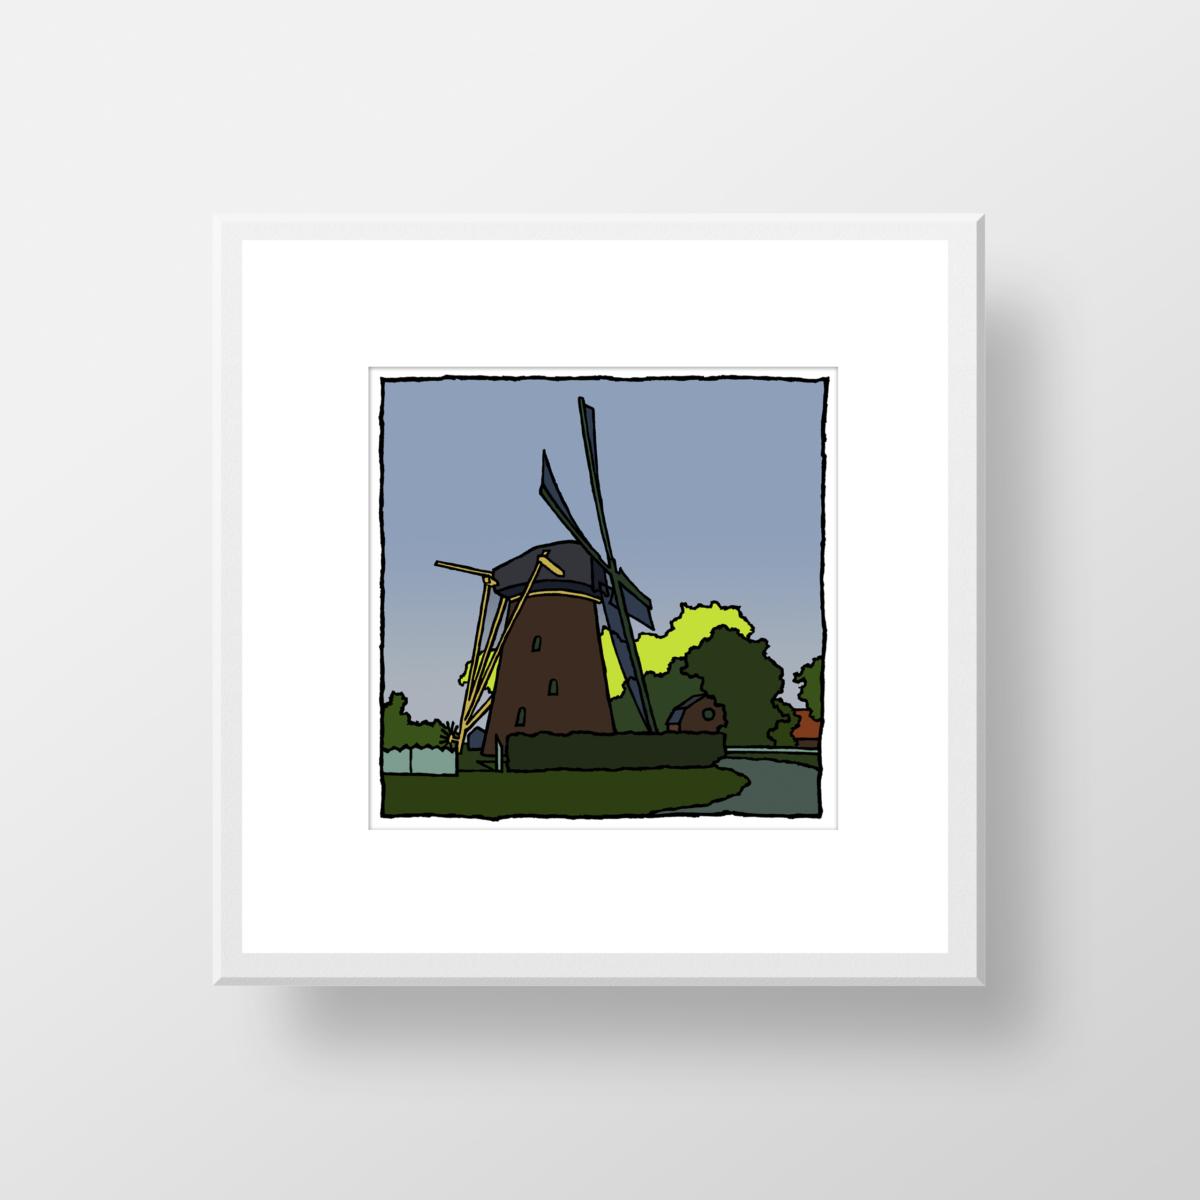 De molen van Rockanje, een fine art print in een lijst van de kunstenaar Wim van Willegen